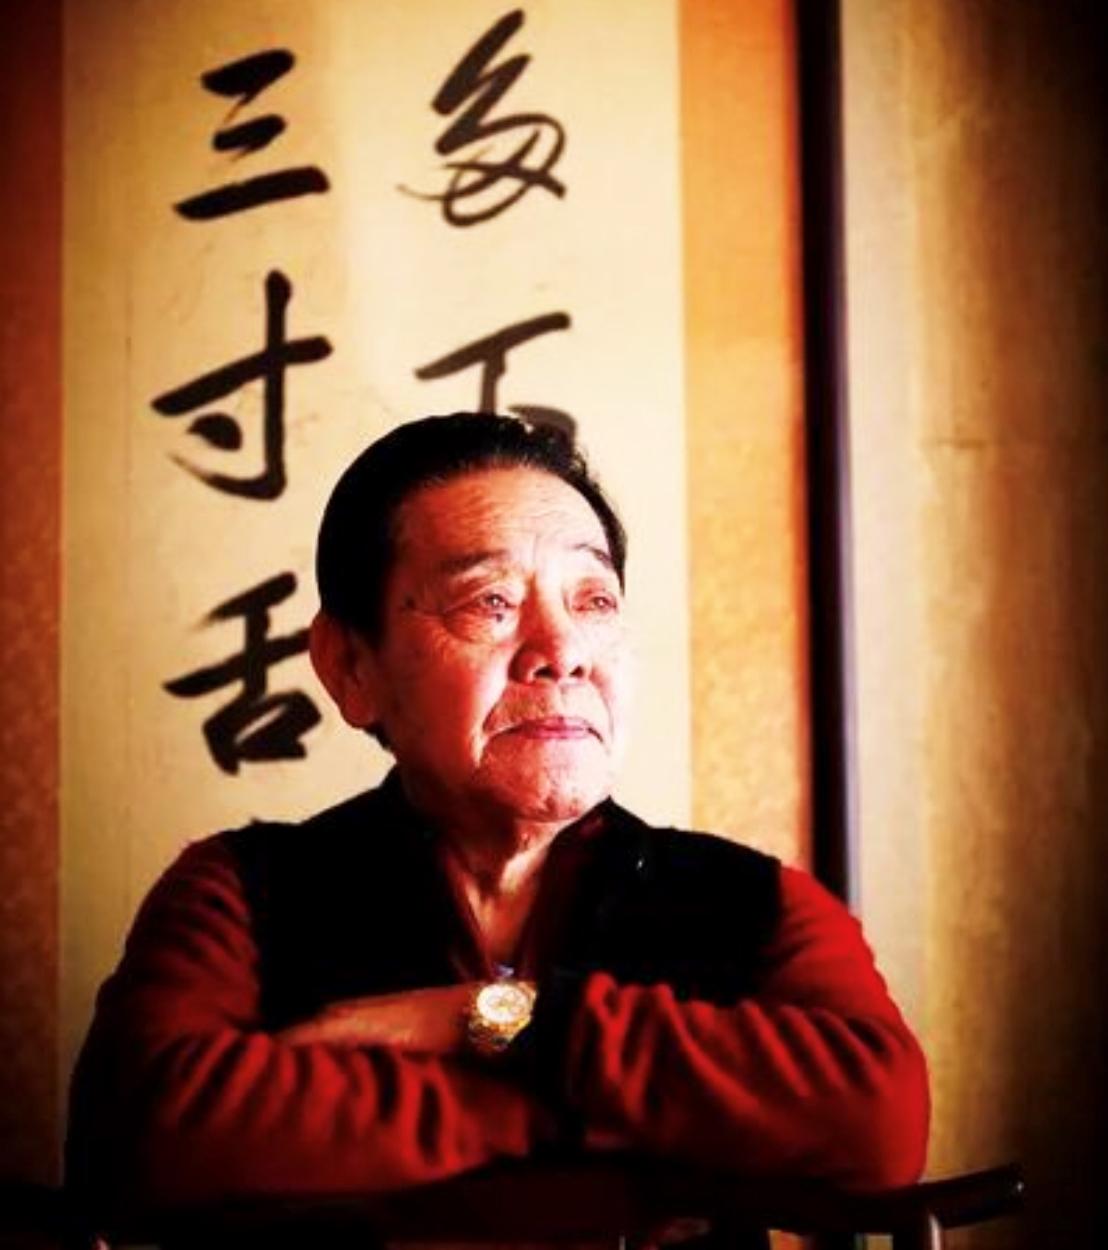 单田芳的评书成了一代人的记忆 书法作品曾被卖到两万一幅